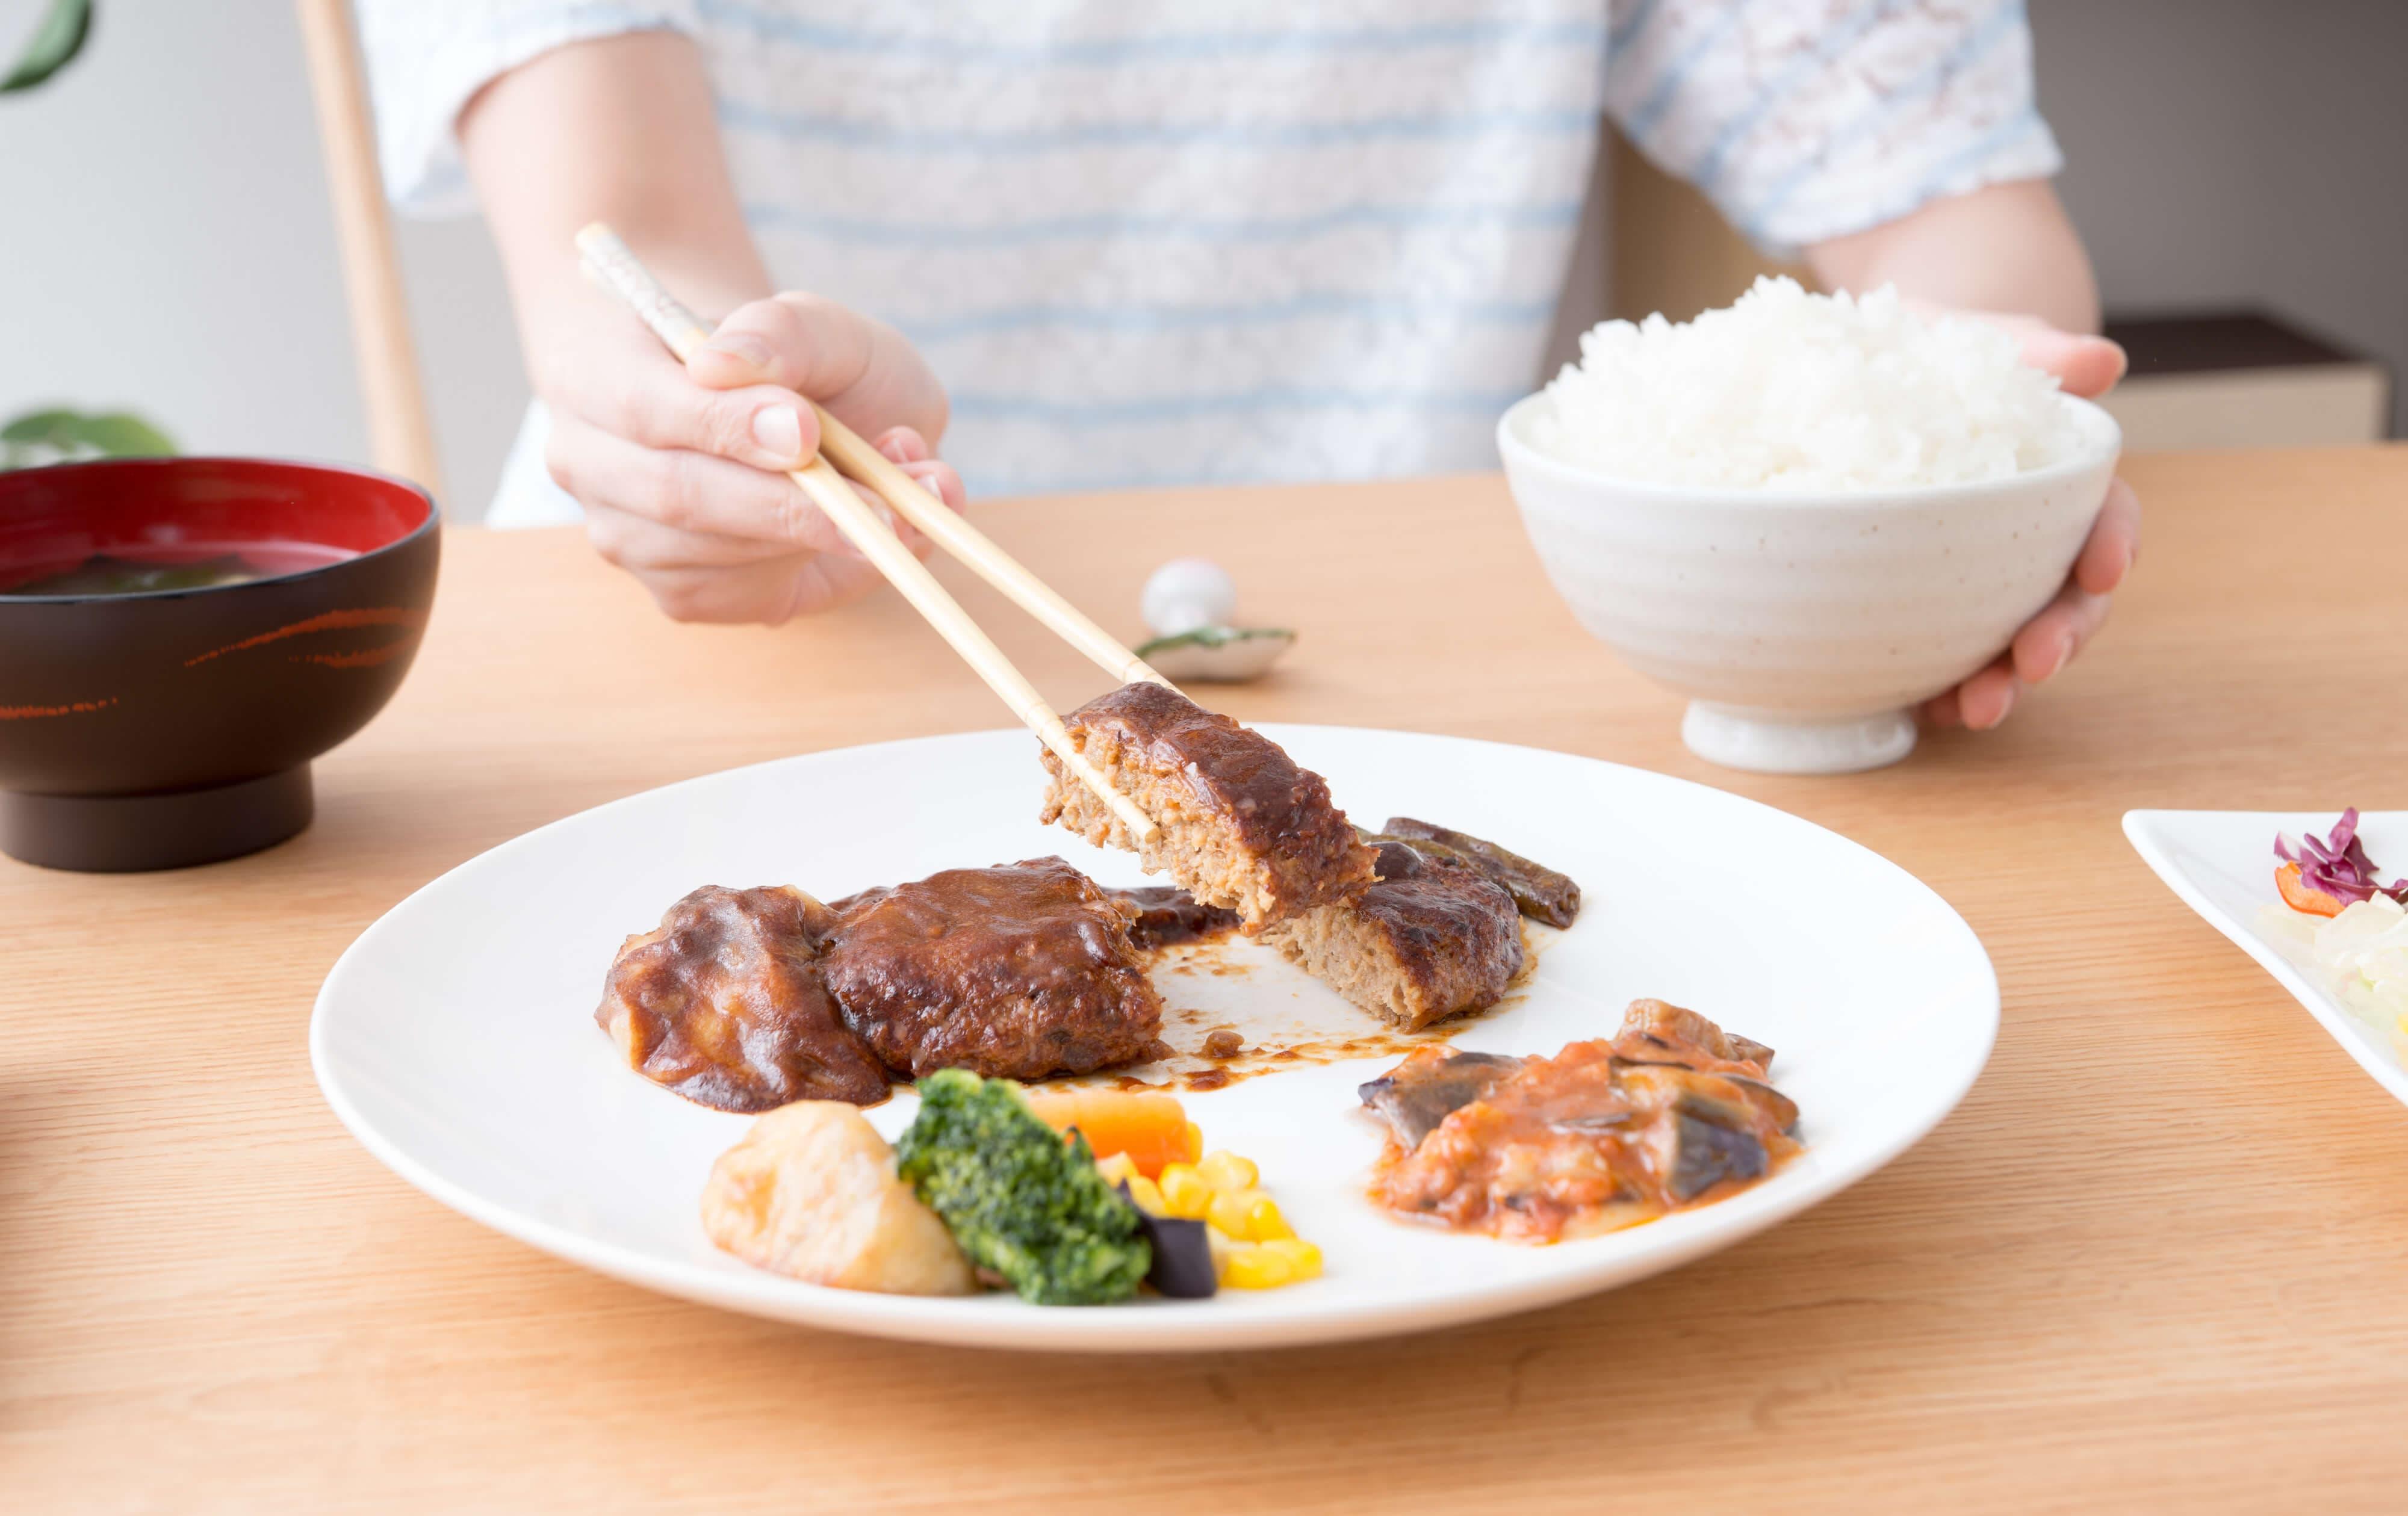 妊娠中の体重管理に効果的な食事法とは